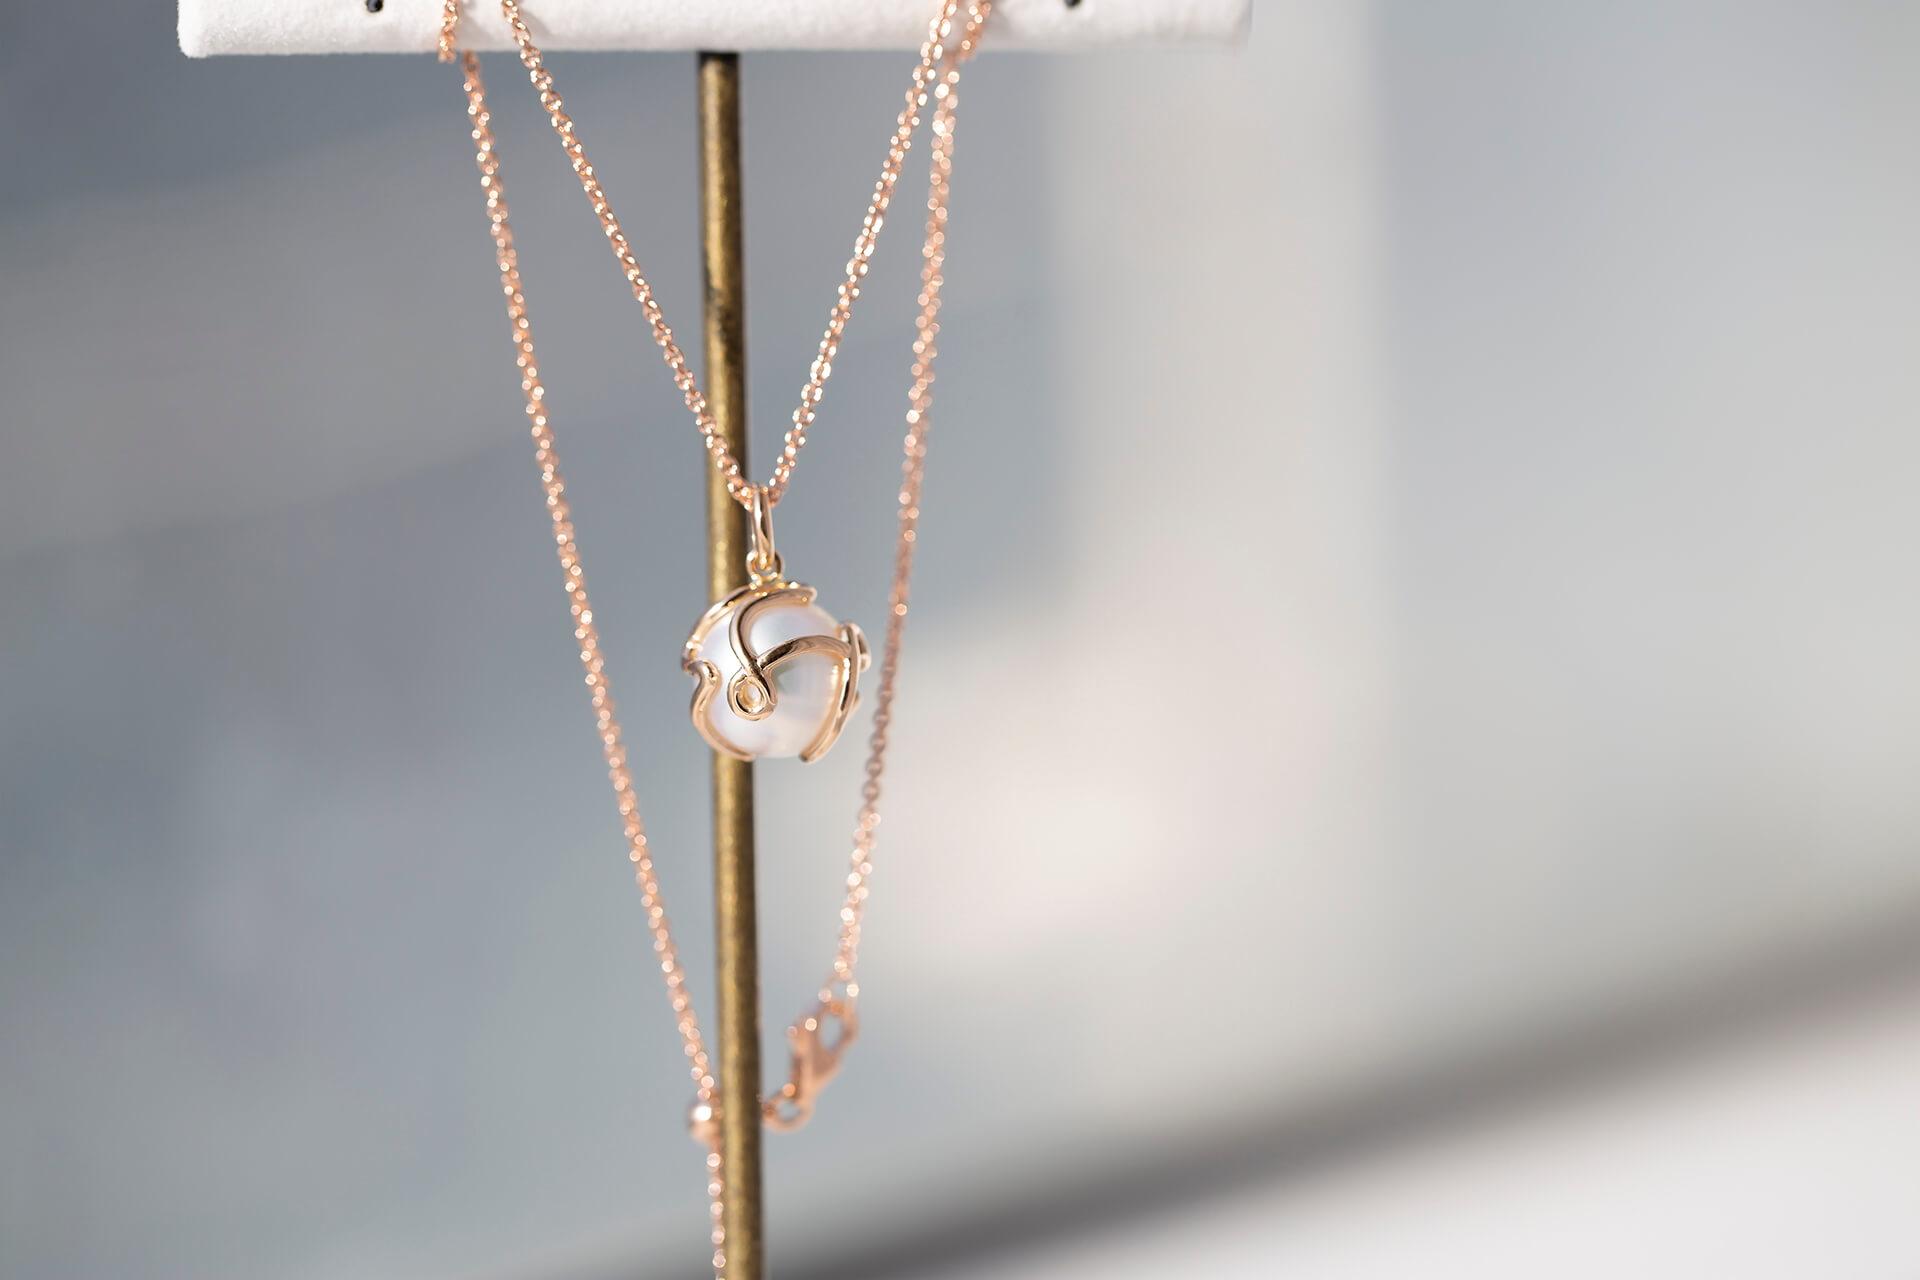 以一筆成形的方式完成不具像的兔子輪廓,18K玫瑰金與南洋珠的結合,成功呈現出送給媽媽溫暖且細膩的生日禮物。